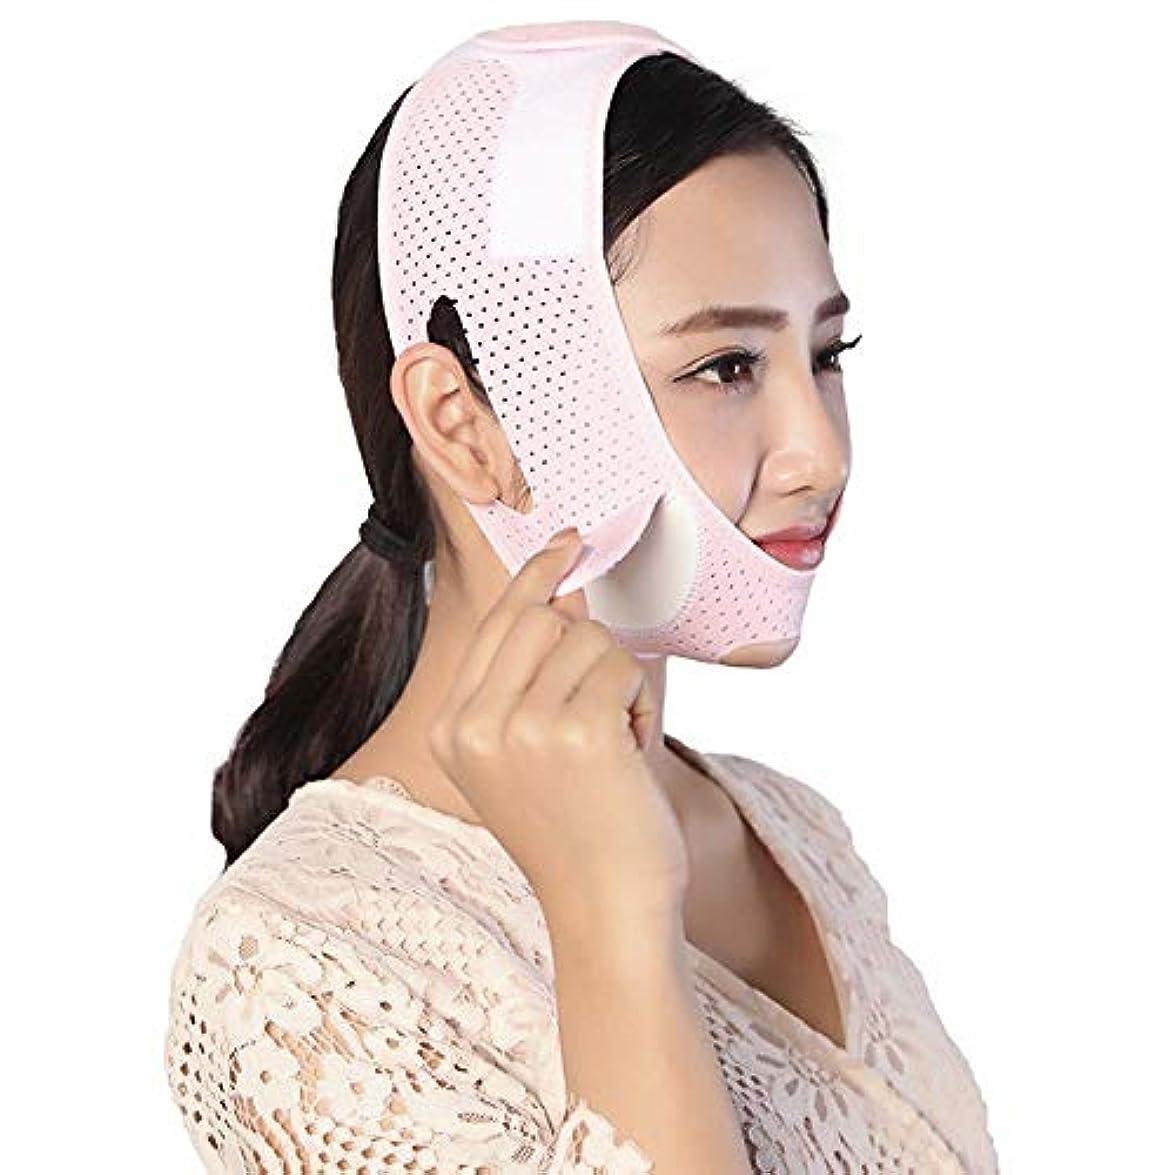 下る境界カジュアル薄い顔のバンド - 薄い顔の包帯は、ダブルの顎の法令Vをマスクするために持ち上げて睡眠マスクの通気 美しさ